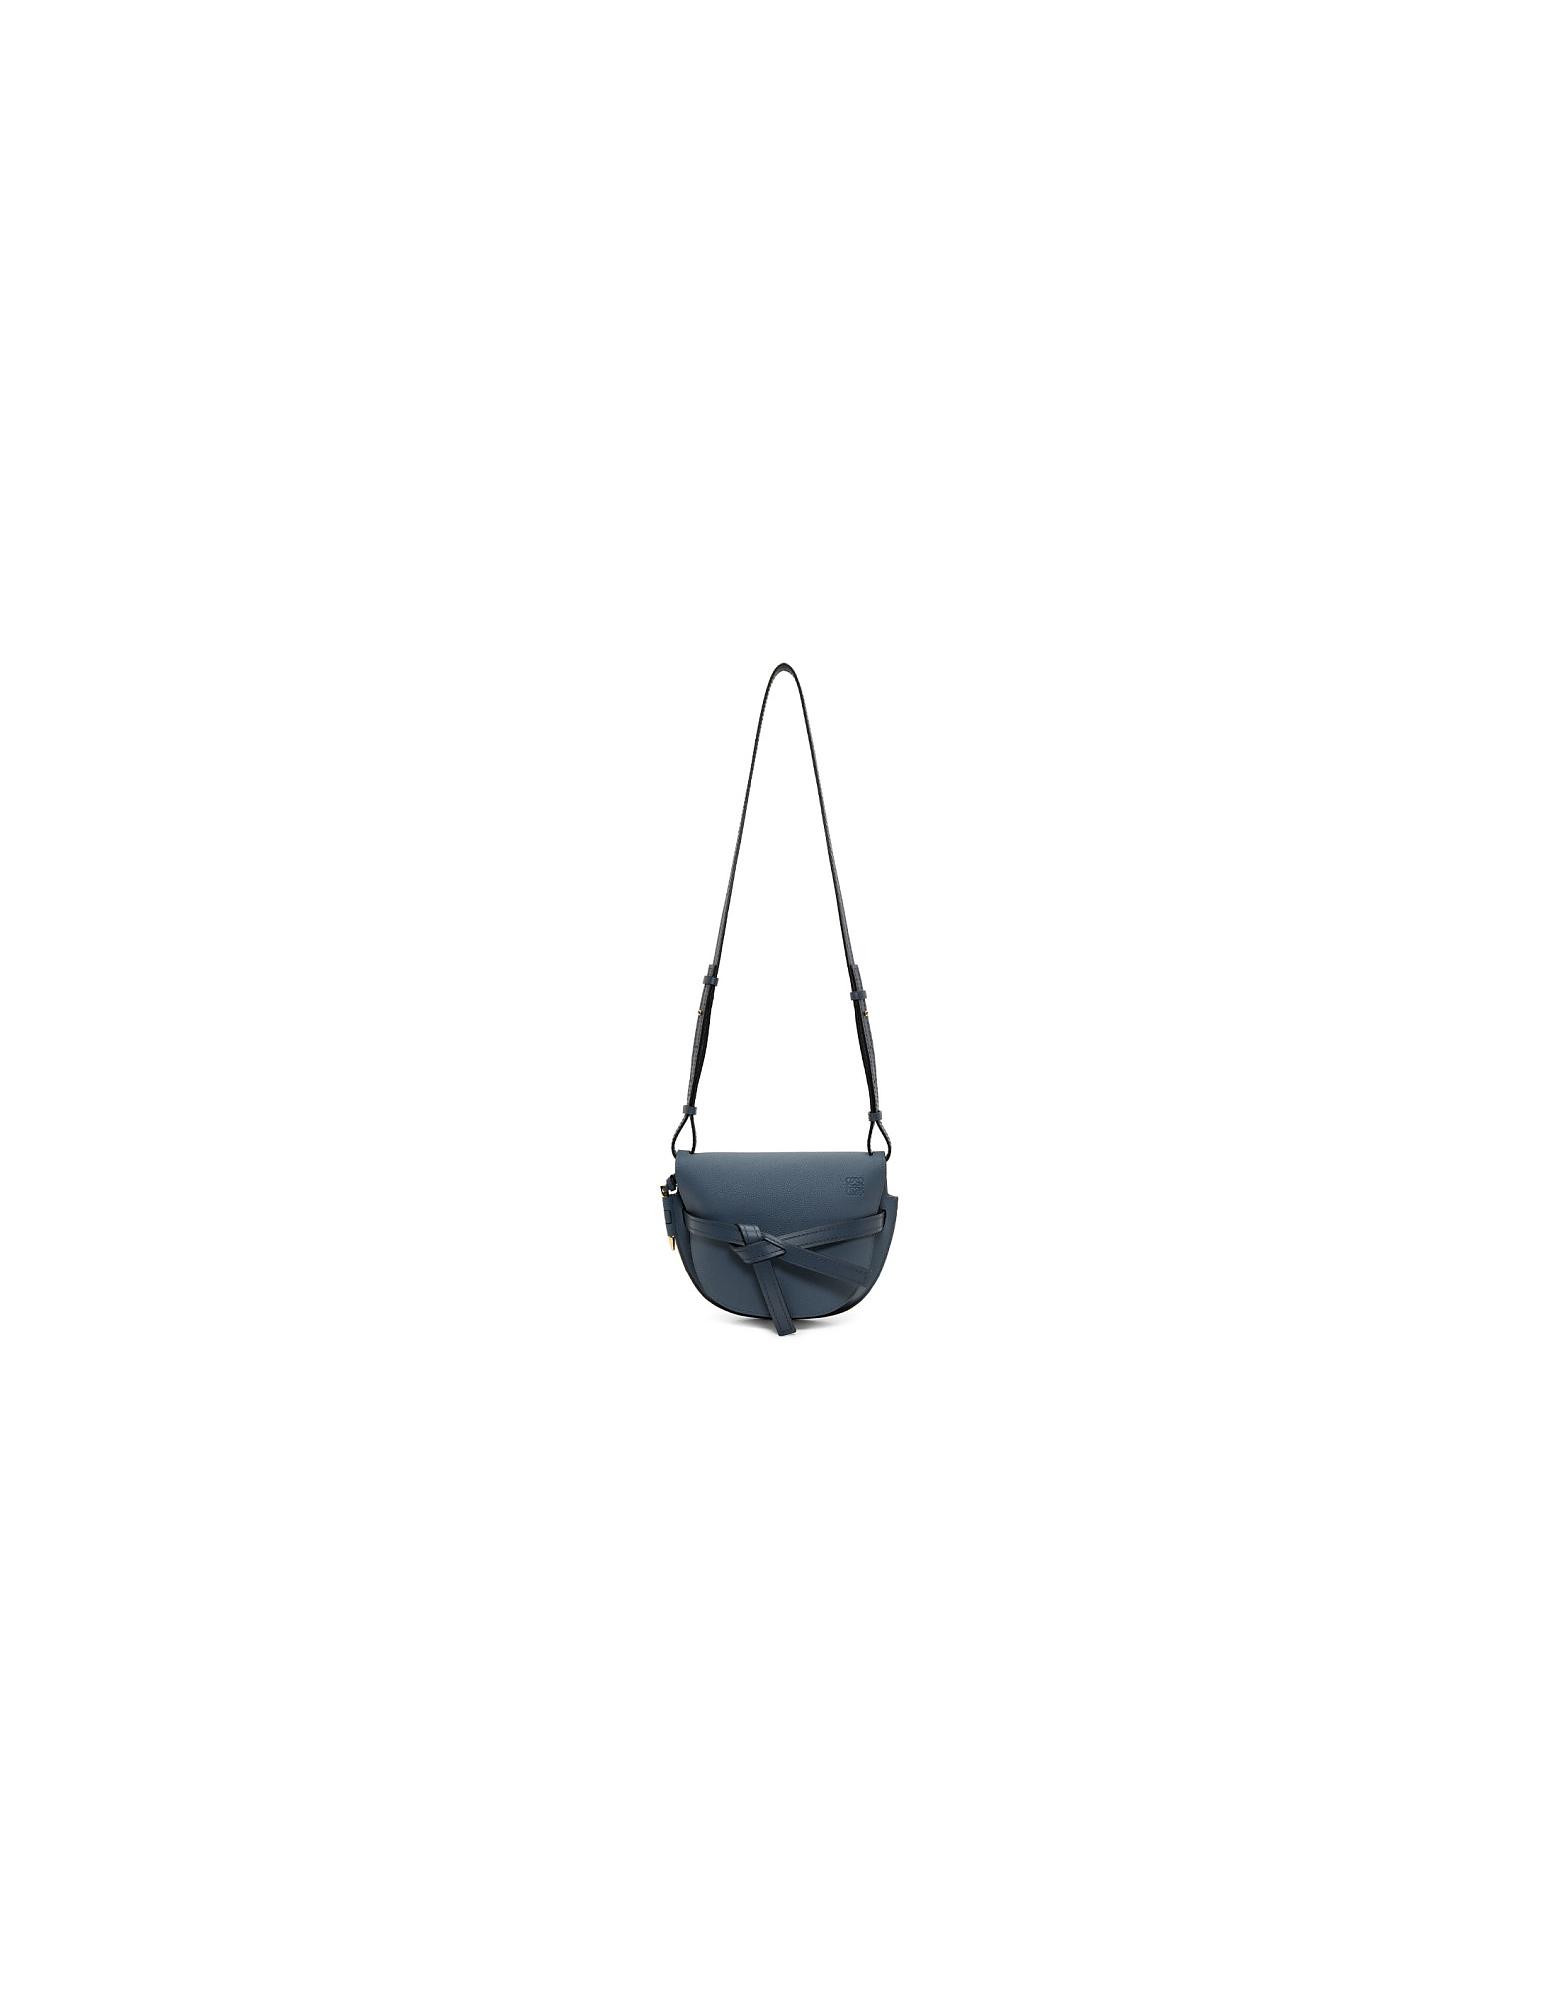 Loewe Designer Handbags, Blue Small Gate Bag